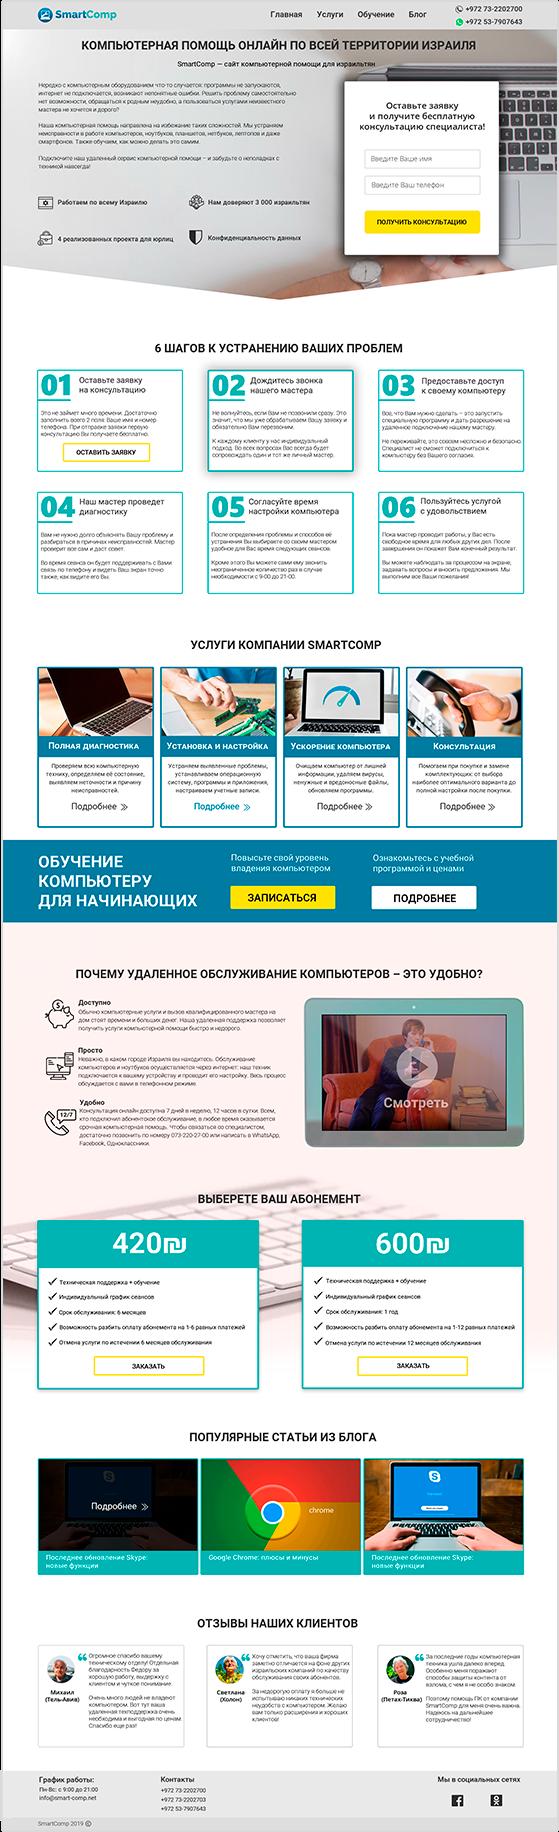 Сайт компьютерных услуг после редизайна